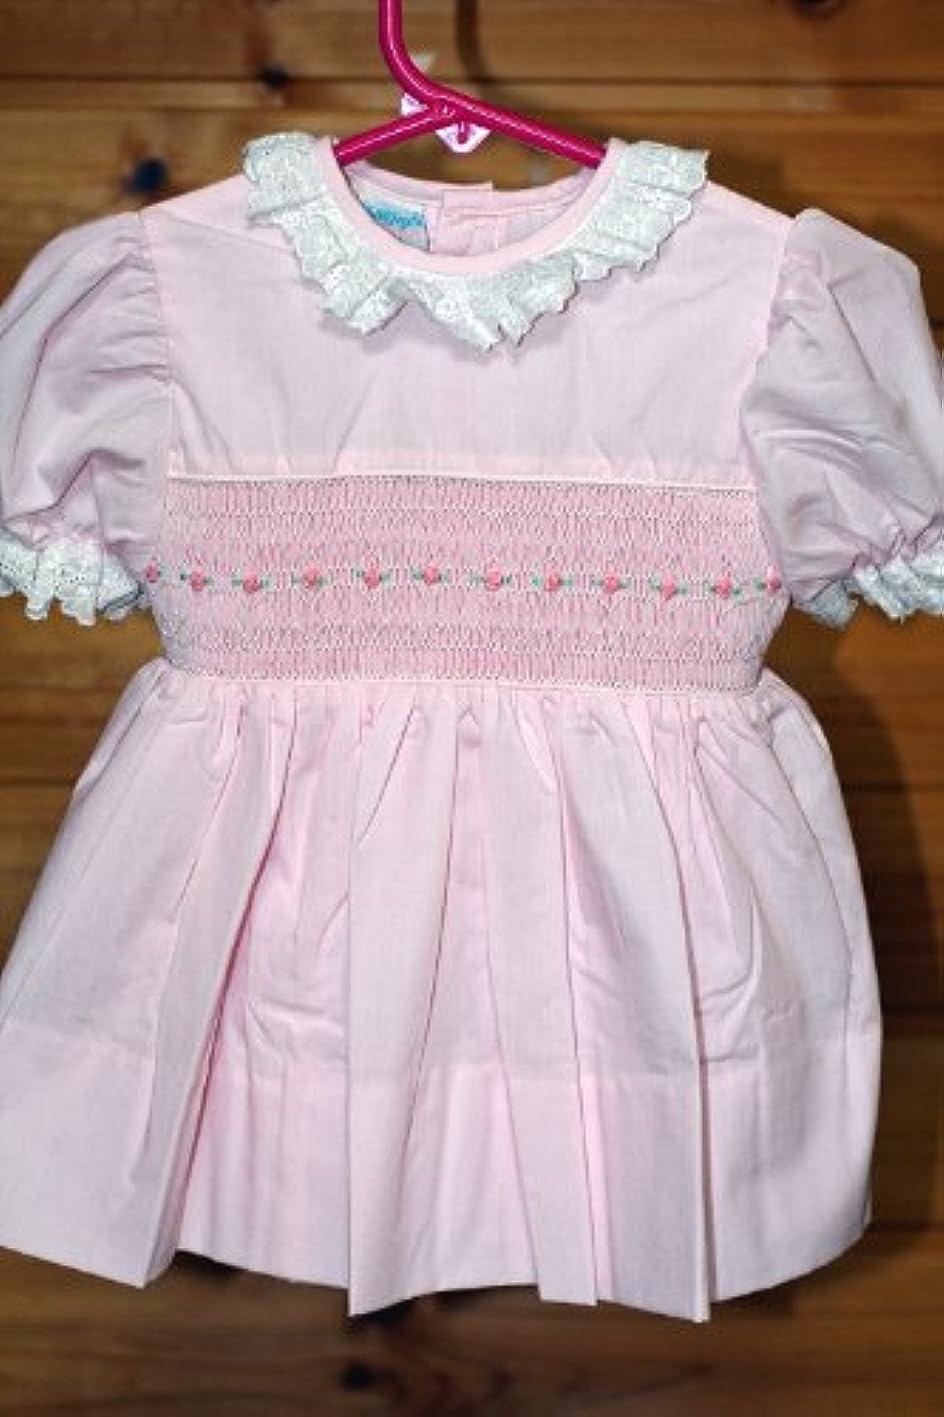 周術期プレビスサイト部ドレス スモッキングドレス レオノール ピンク